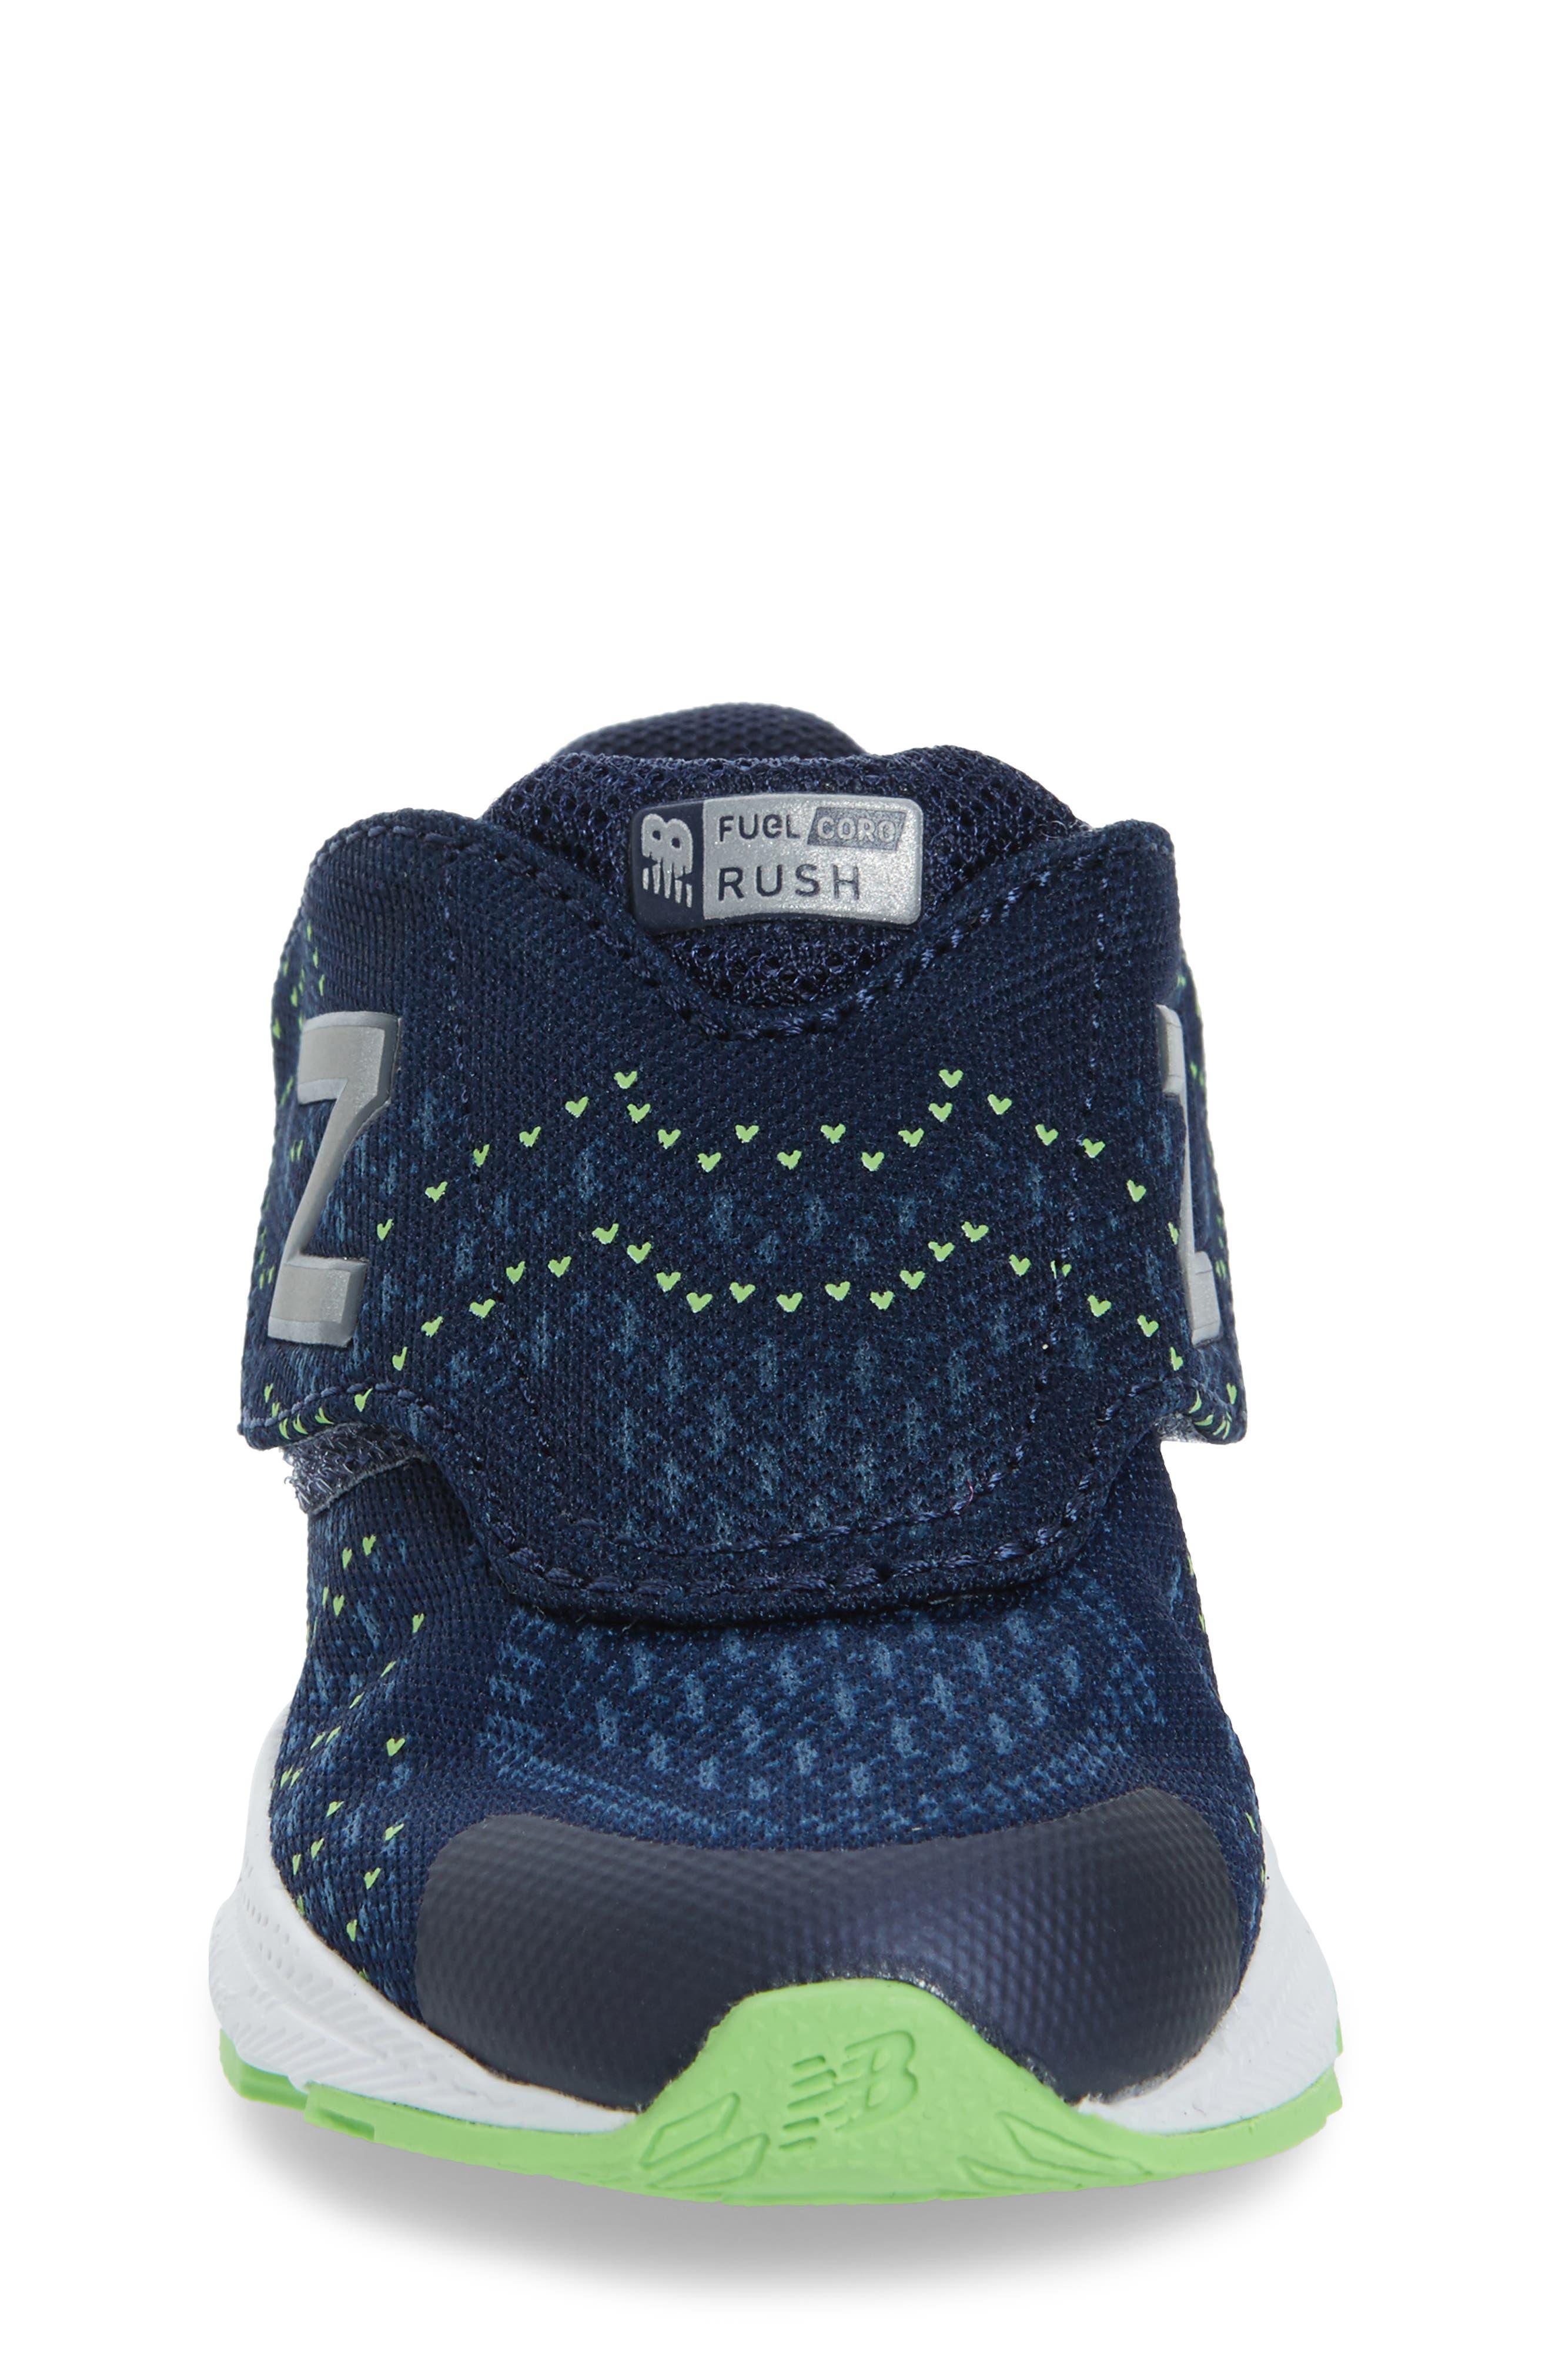 Alternate Image 4  - New Balance FuelCore Rush v3 Sneaker (Baby, Walker, Toddler & Little Kid)